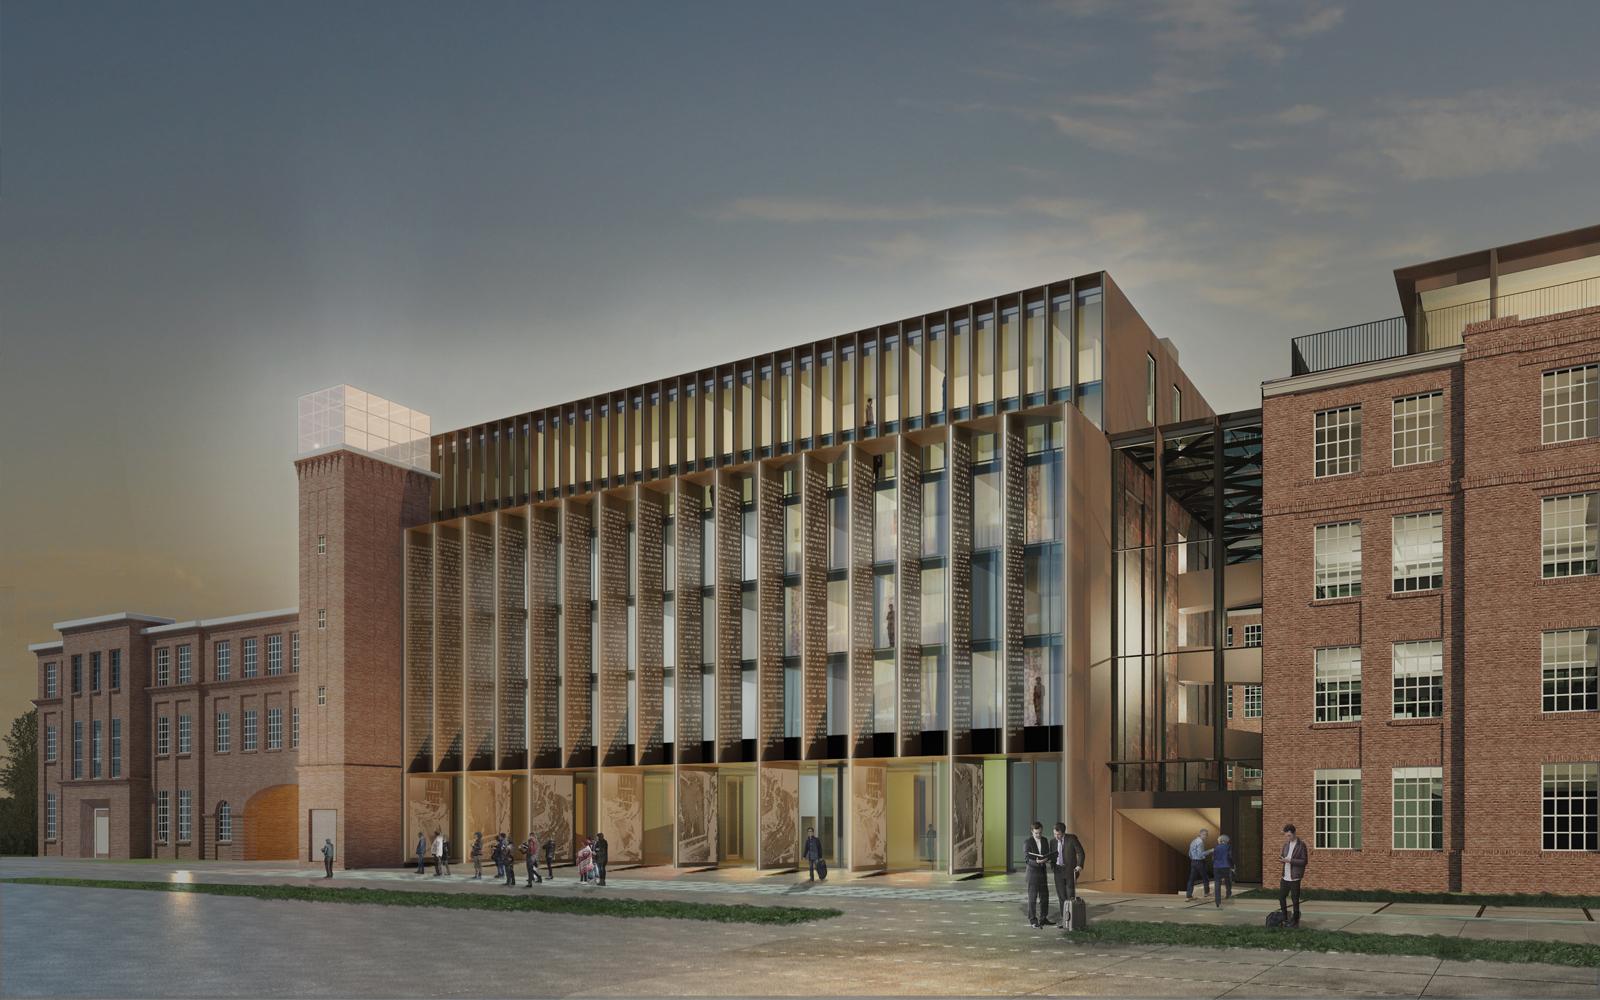 transformatie leerfabriek omgevingsvergunning